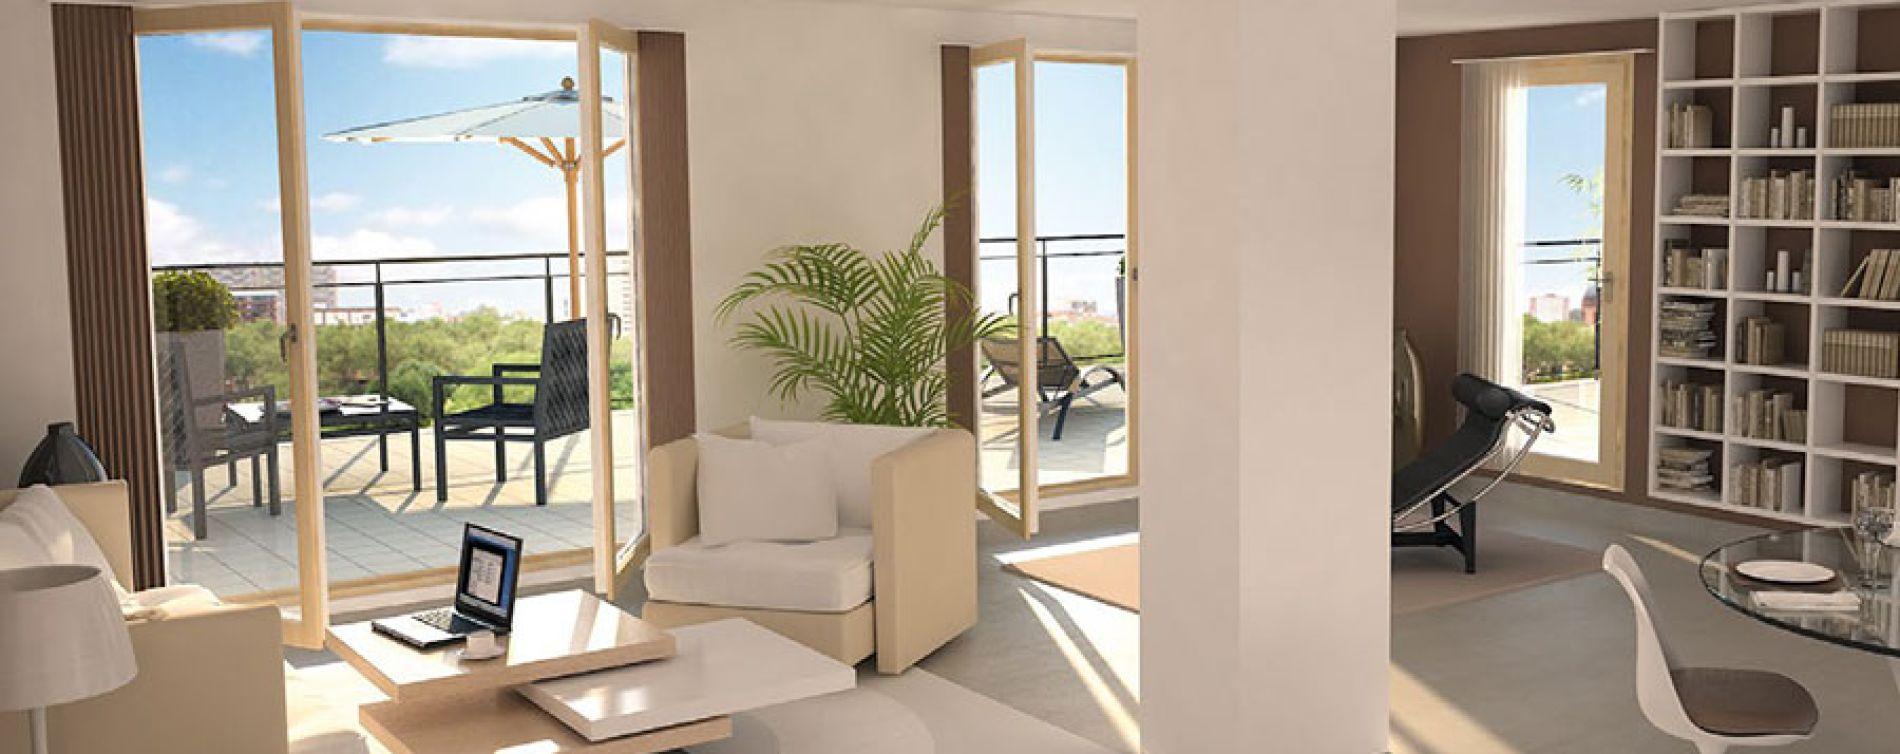 Les Suites du Lac à Thonon-les-Bains programme immobilier neuf n° 212241